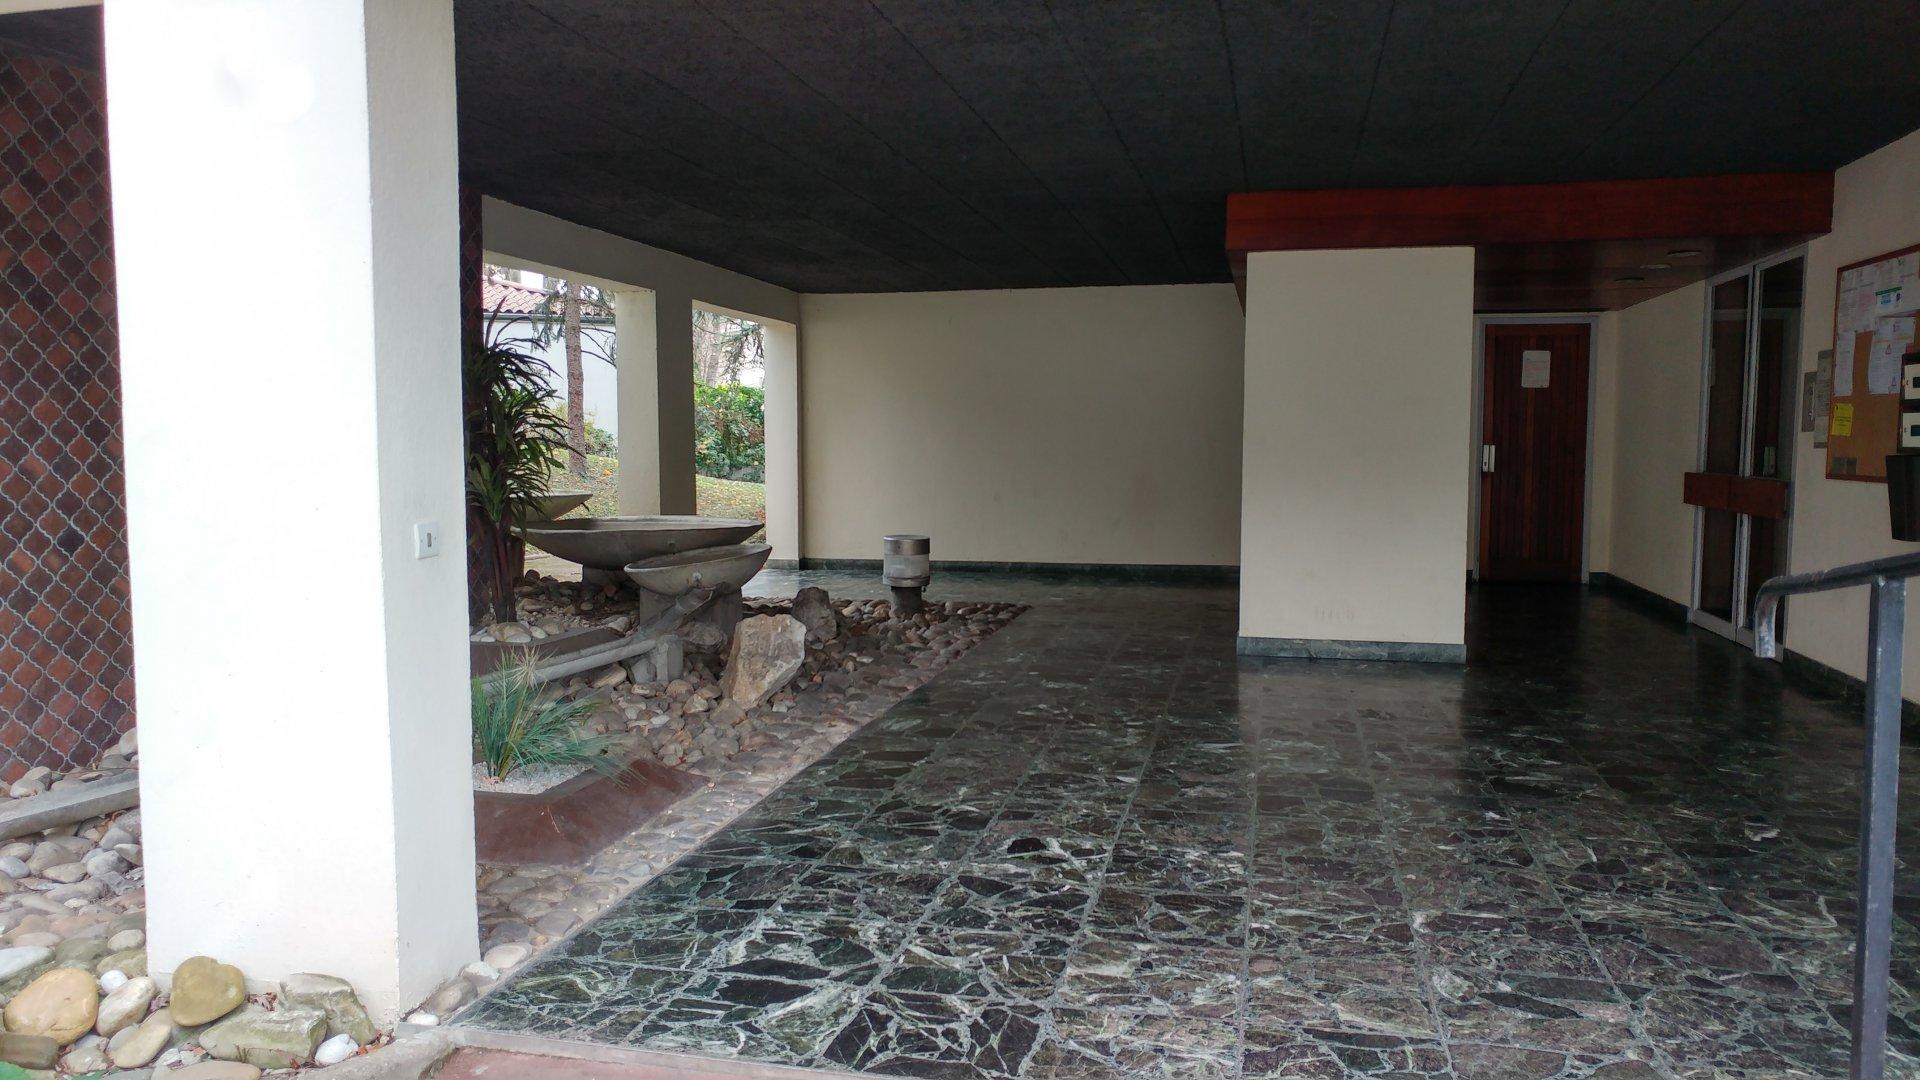 LYON 5 - T3 - 68 m² - VENDU